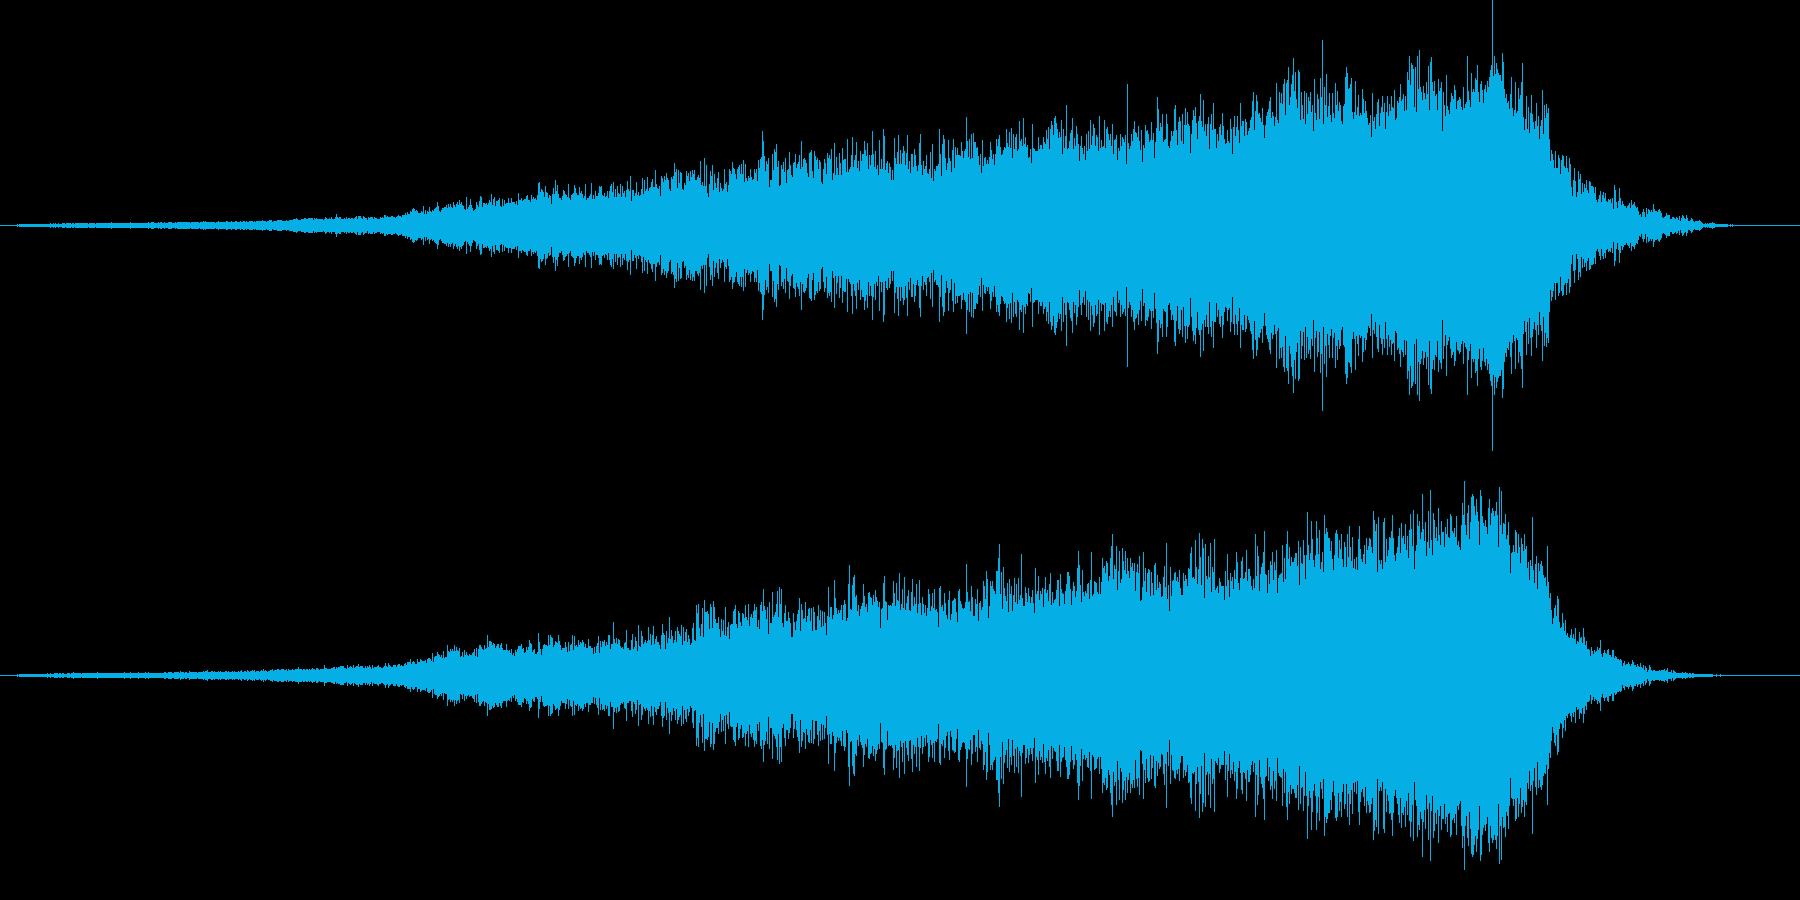 【ライザー】08 エピックサウンド 壮大の再生済みの波形